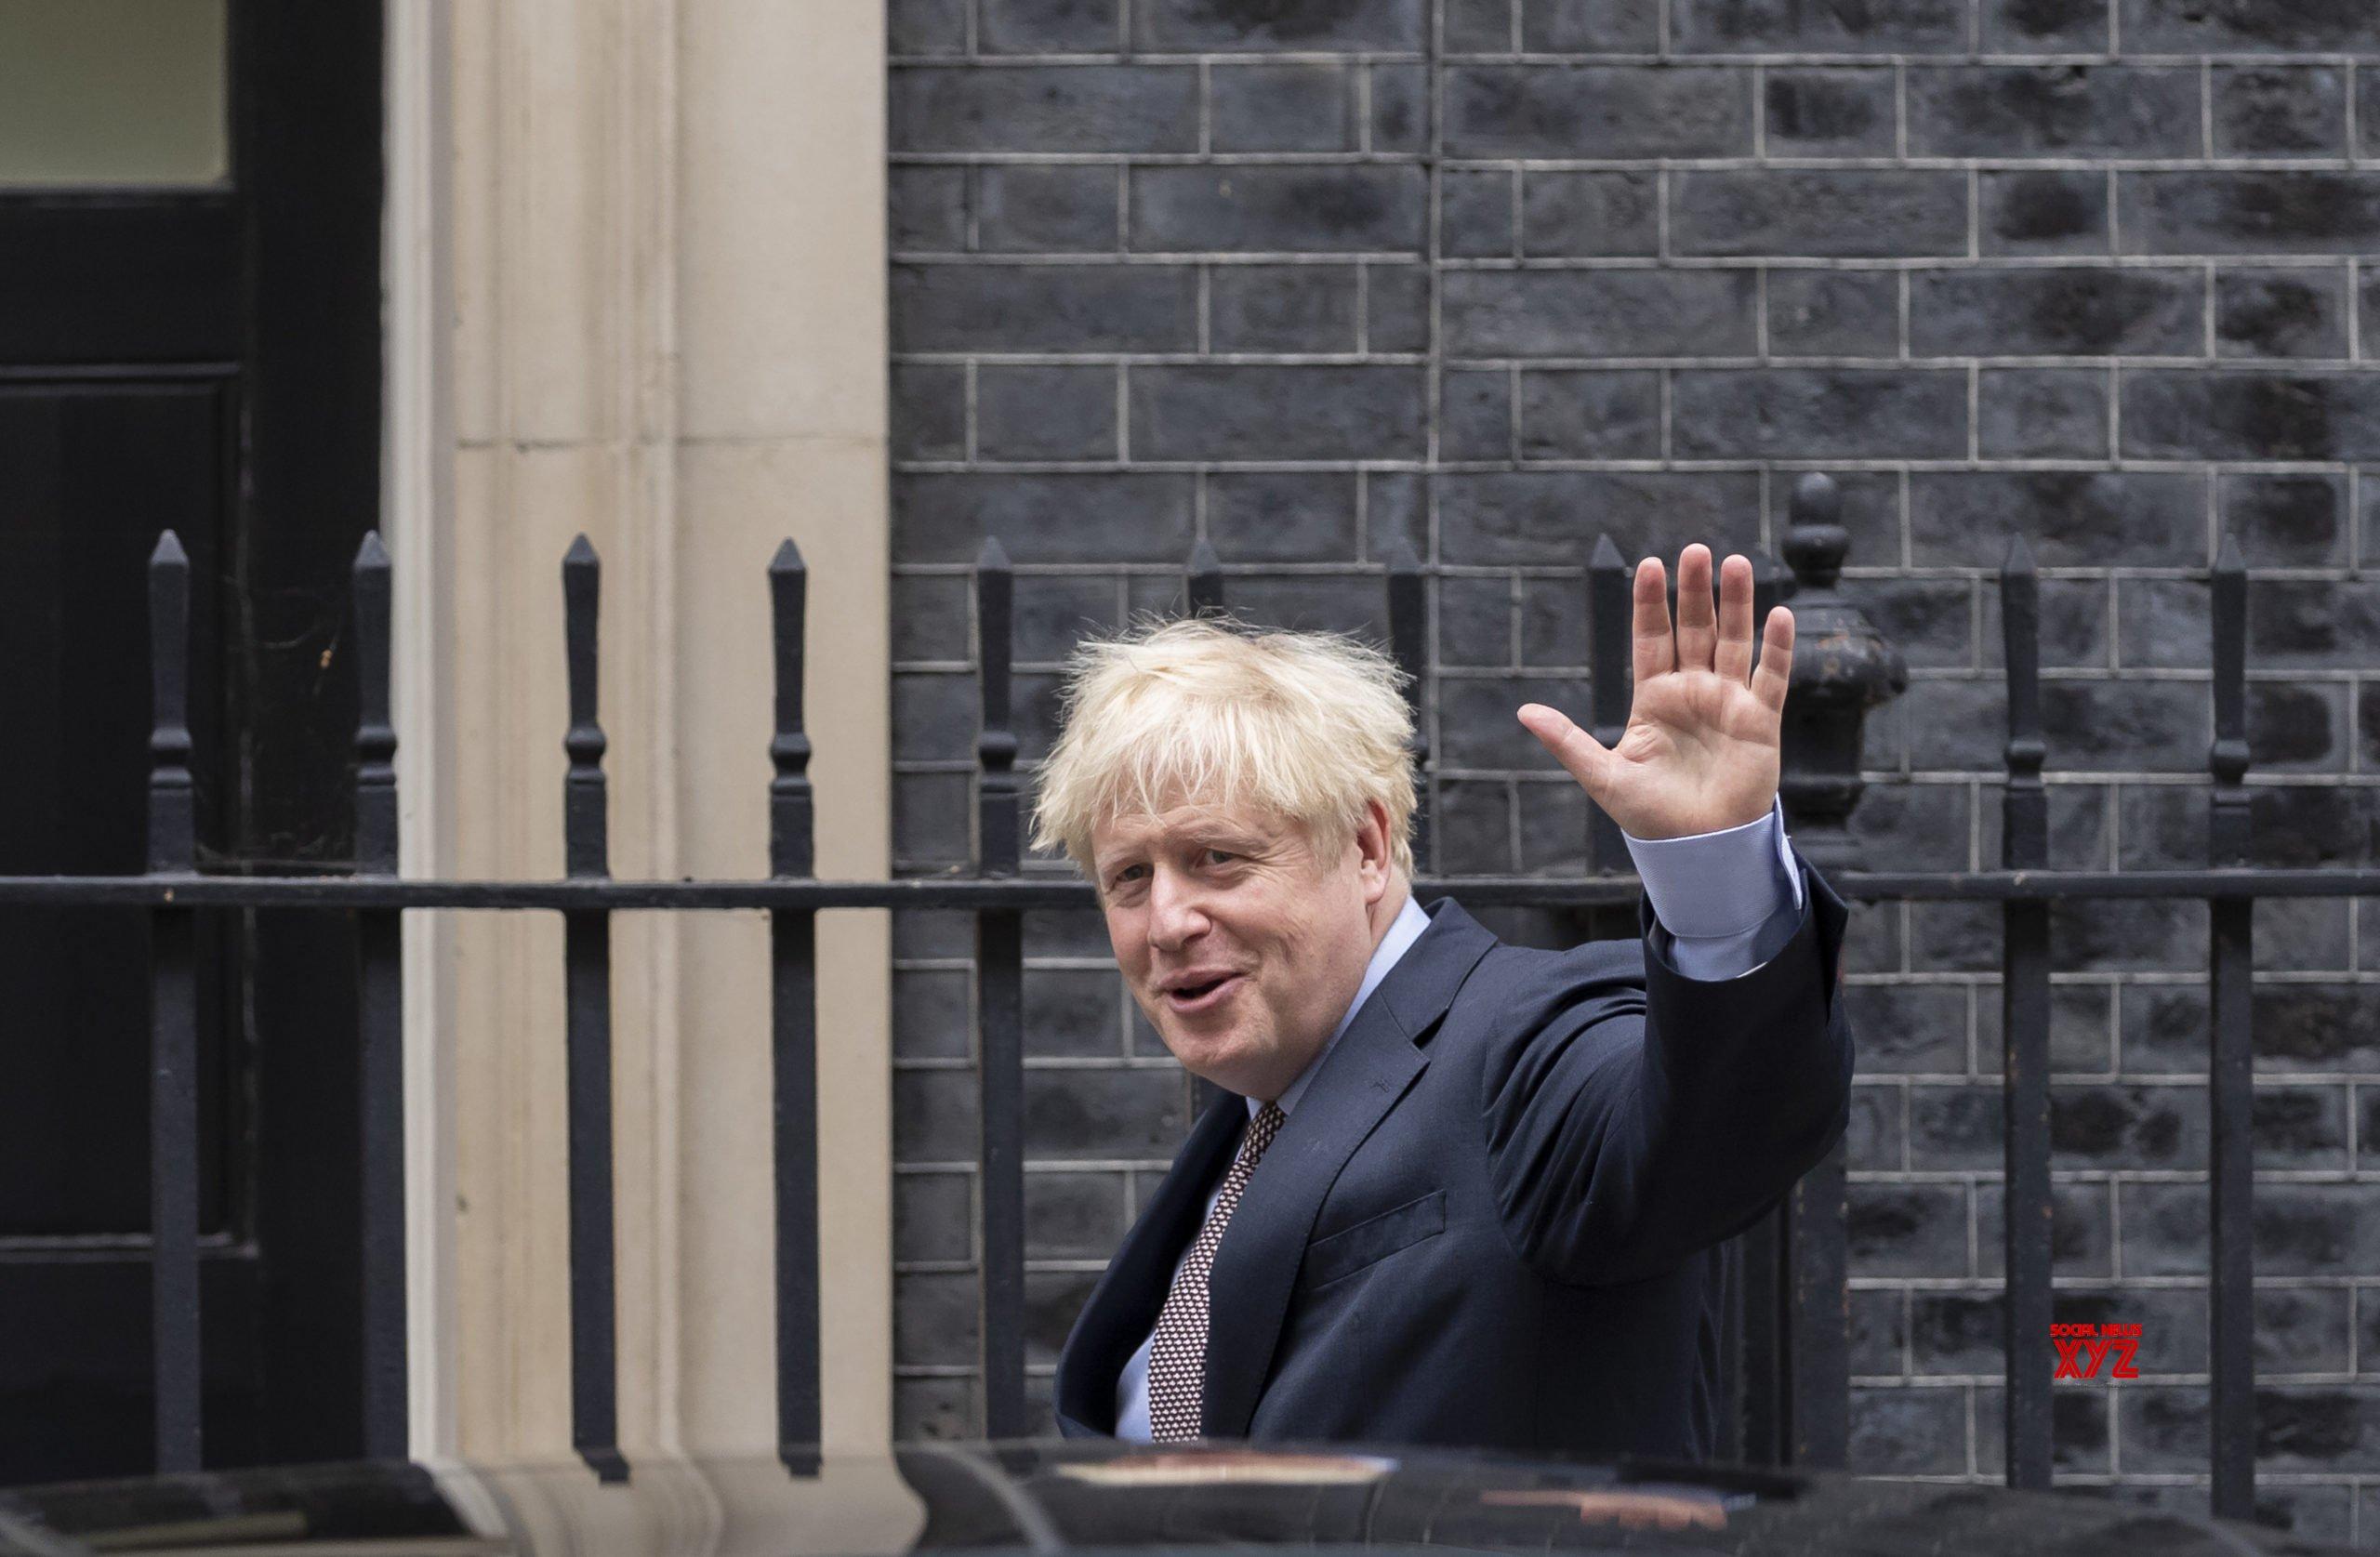 Ex-UK attorney general condemns bid to rewrite Brexit deal